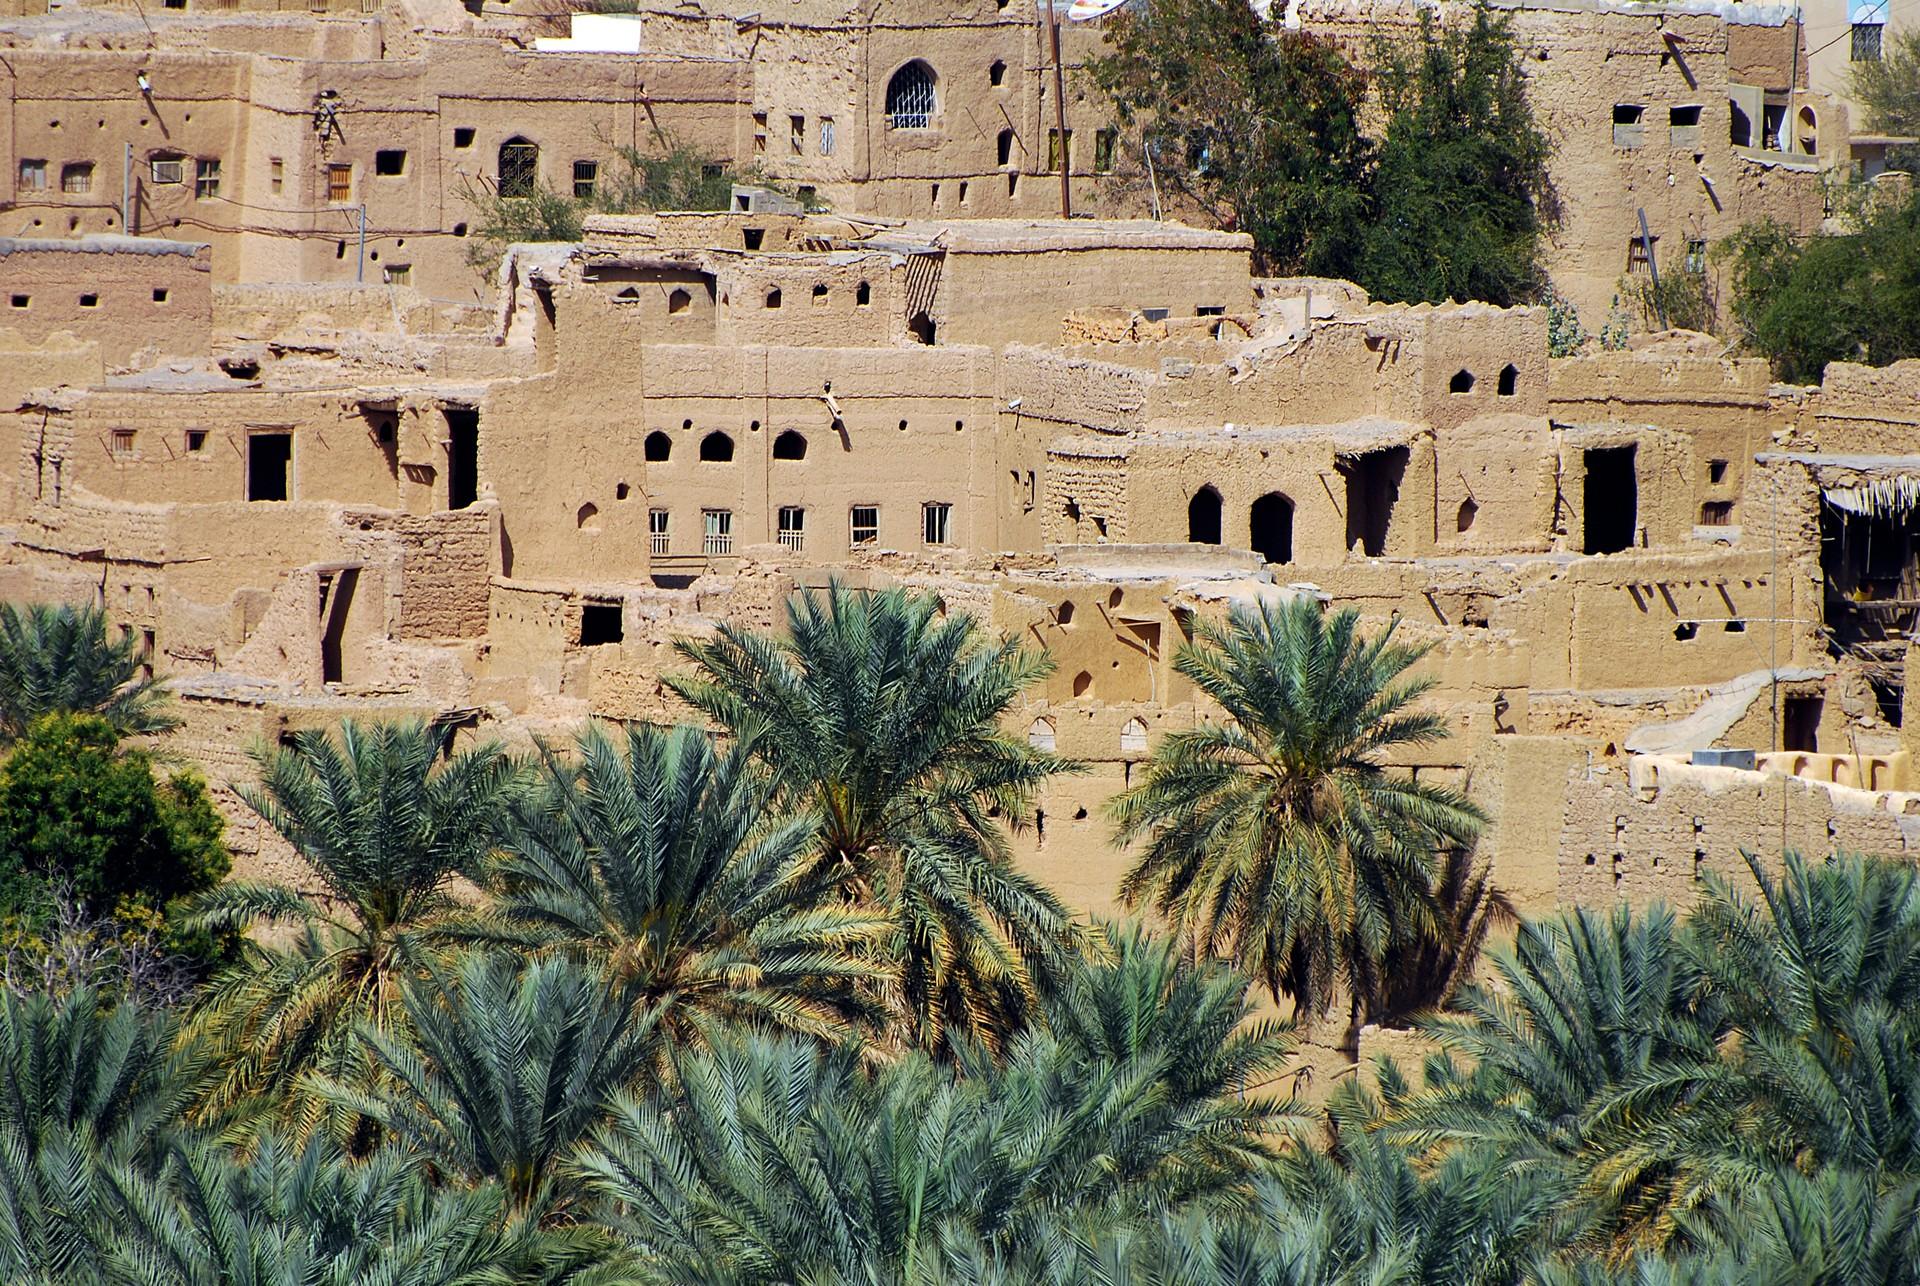 Al Hamra - ancient city in Oman